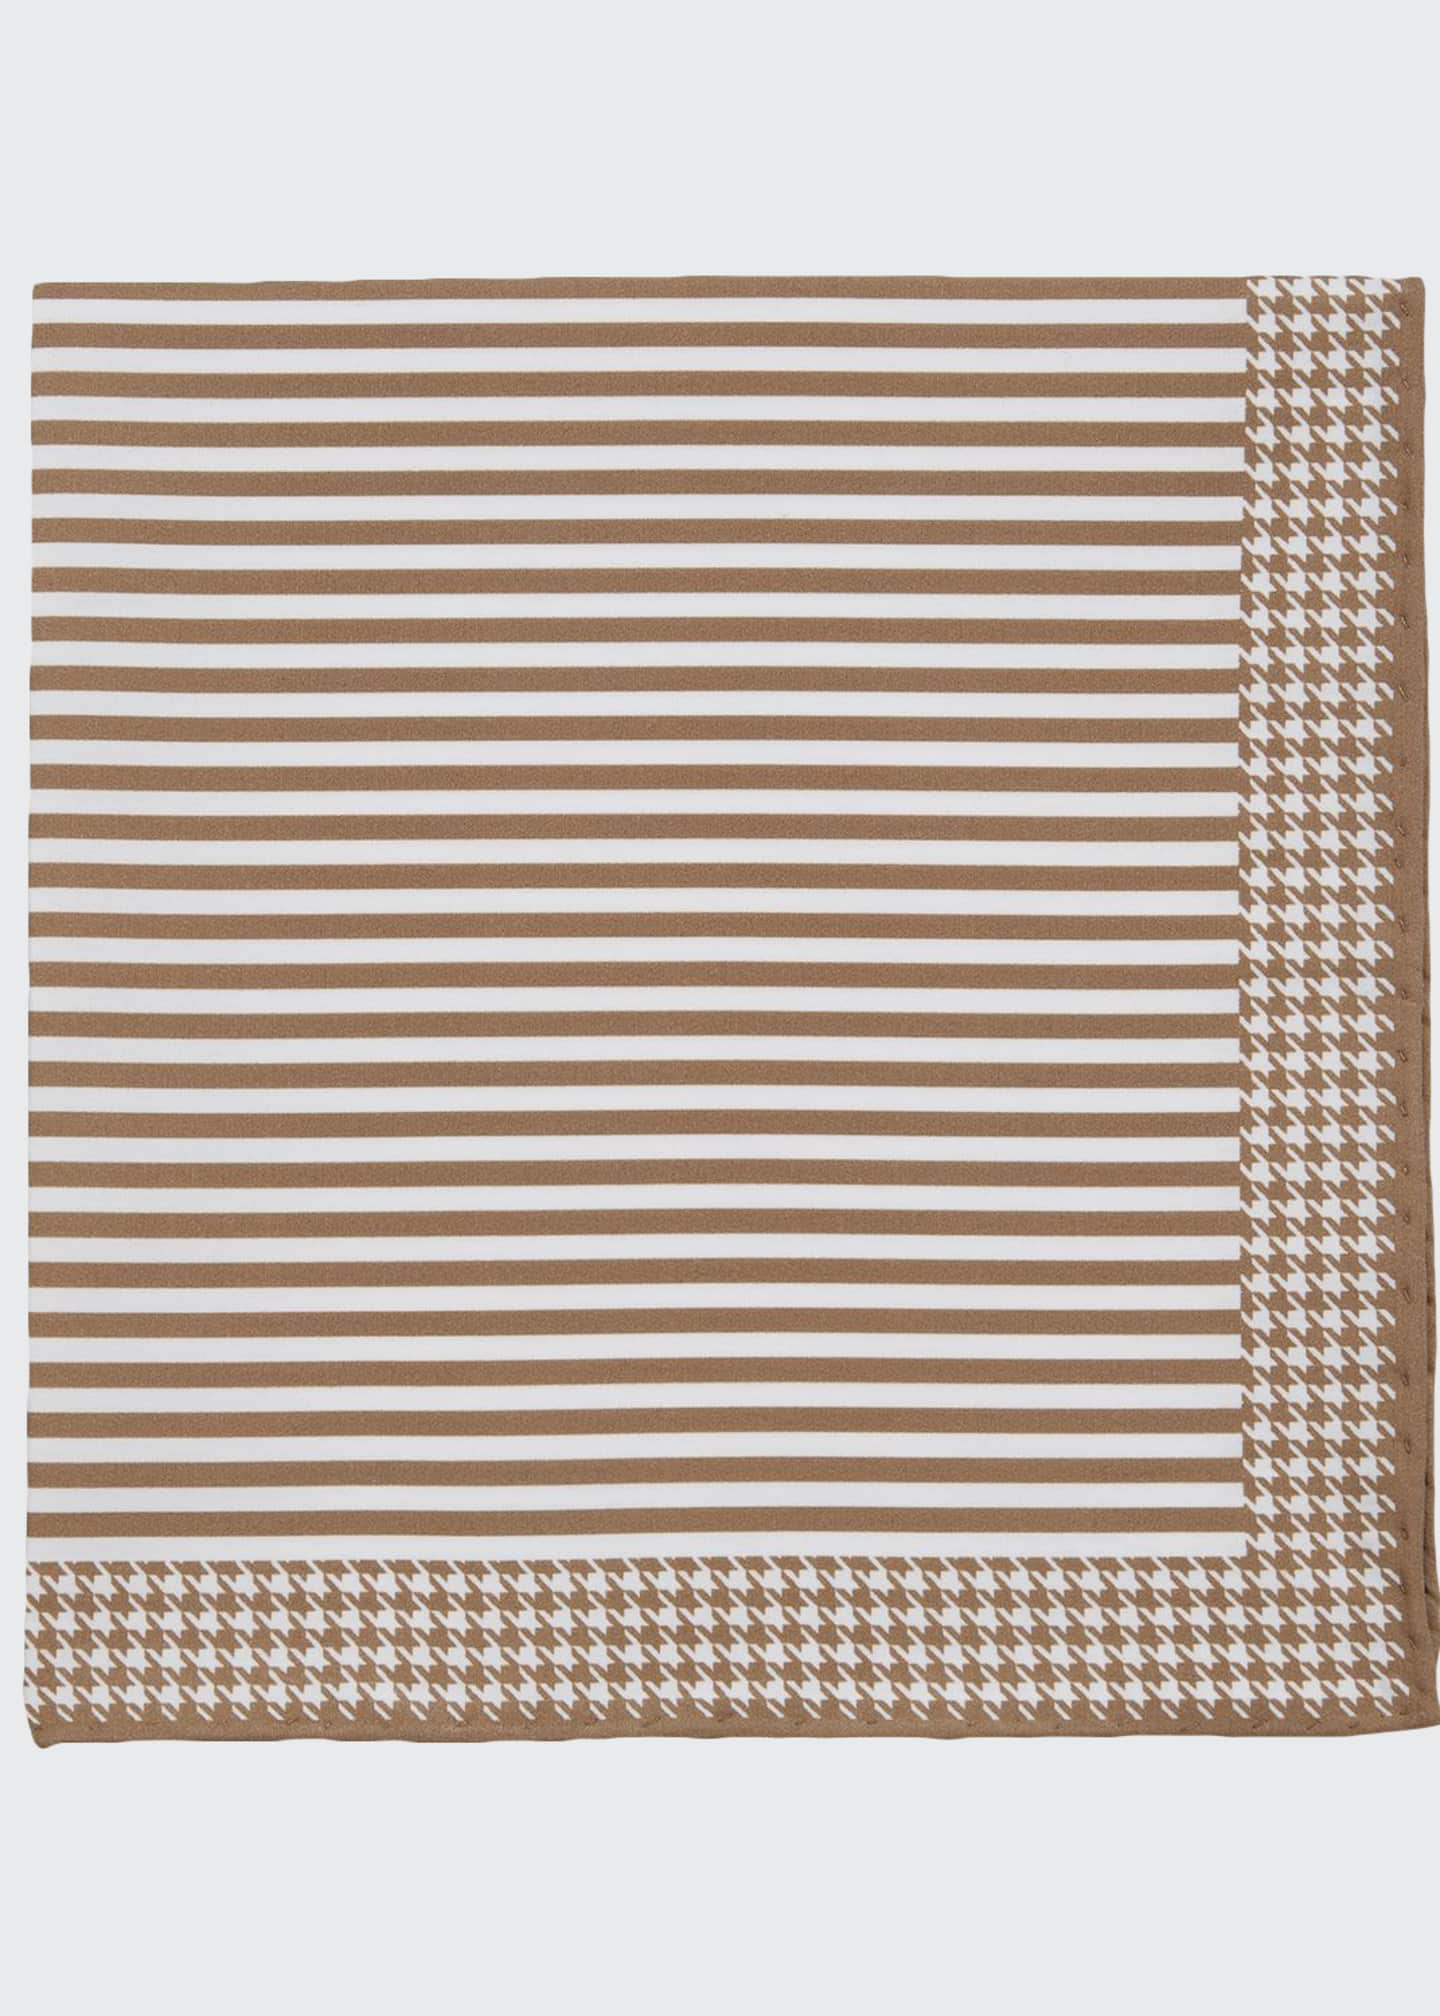 Brunello Cucinelli Men's Thin Stripes Pocket Square